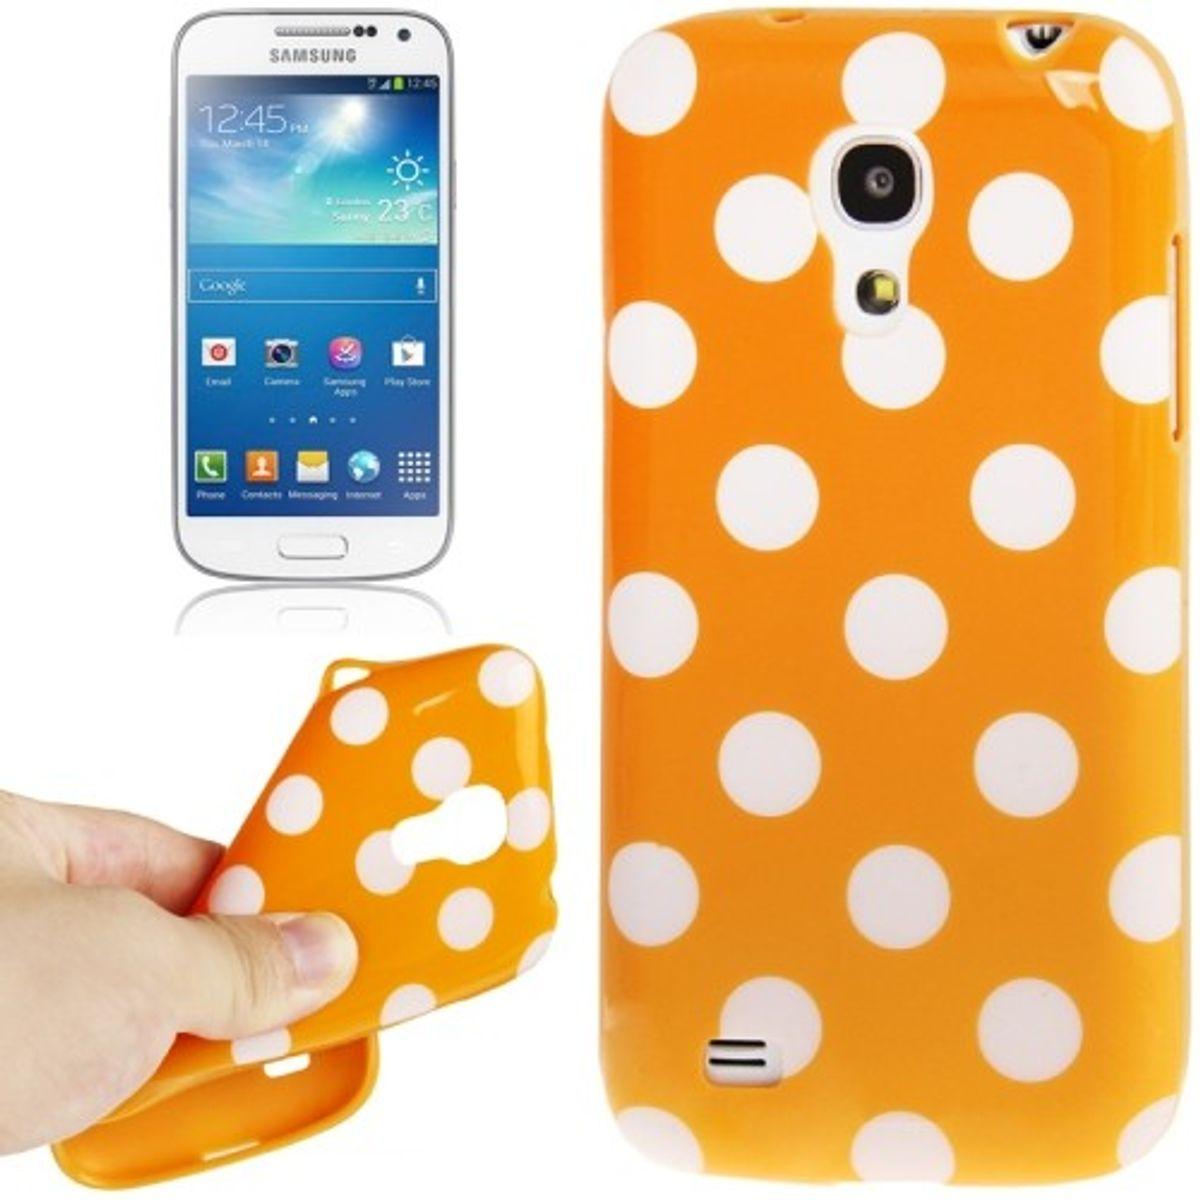 Schutzhülle Punkte TPU Case für Handy Samsung Galaxy S4 mini i9190 orange/weiss